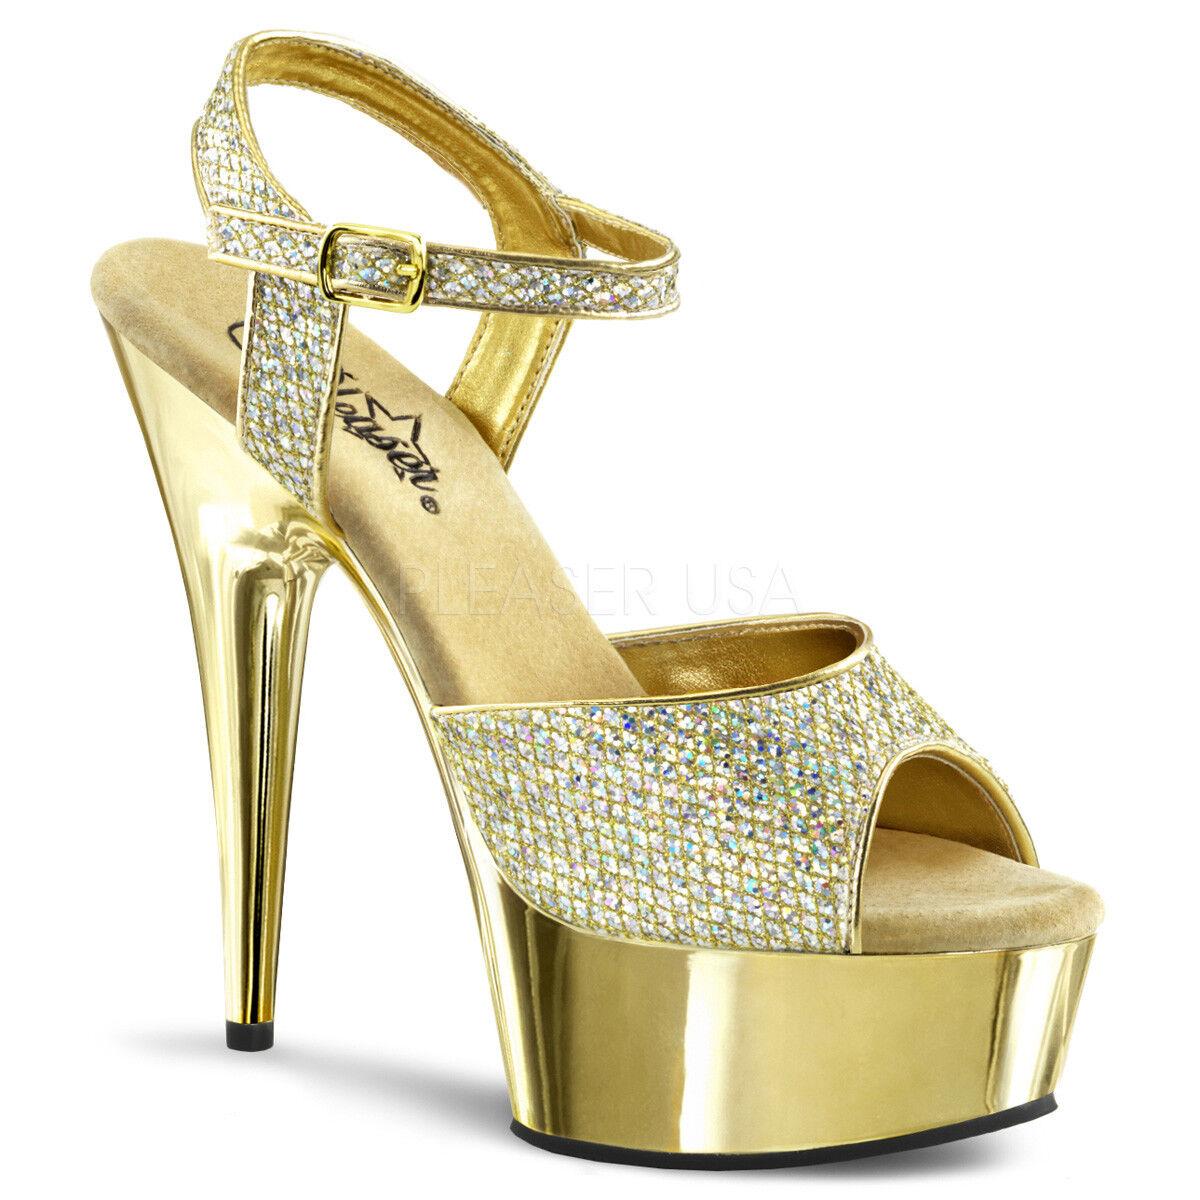 6  Platform Silber Glitter Platform  Stripper Pole Dancer Delight Heels schuhe Größe 8 9 10 8cff1d